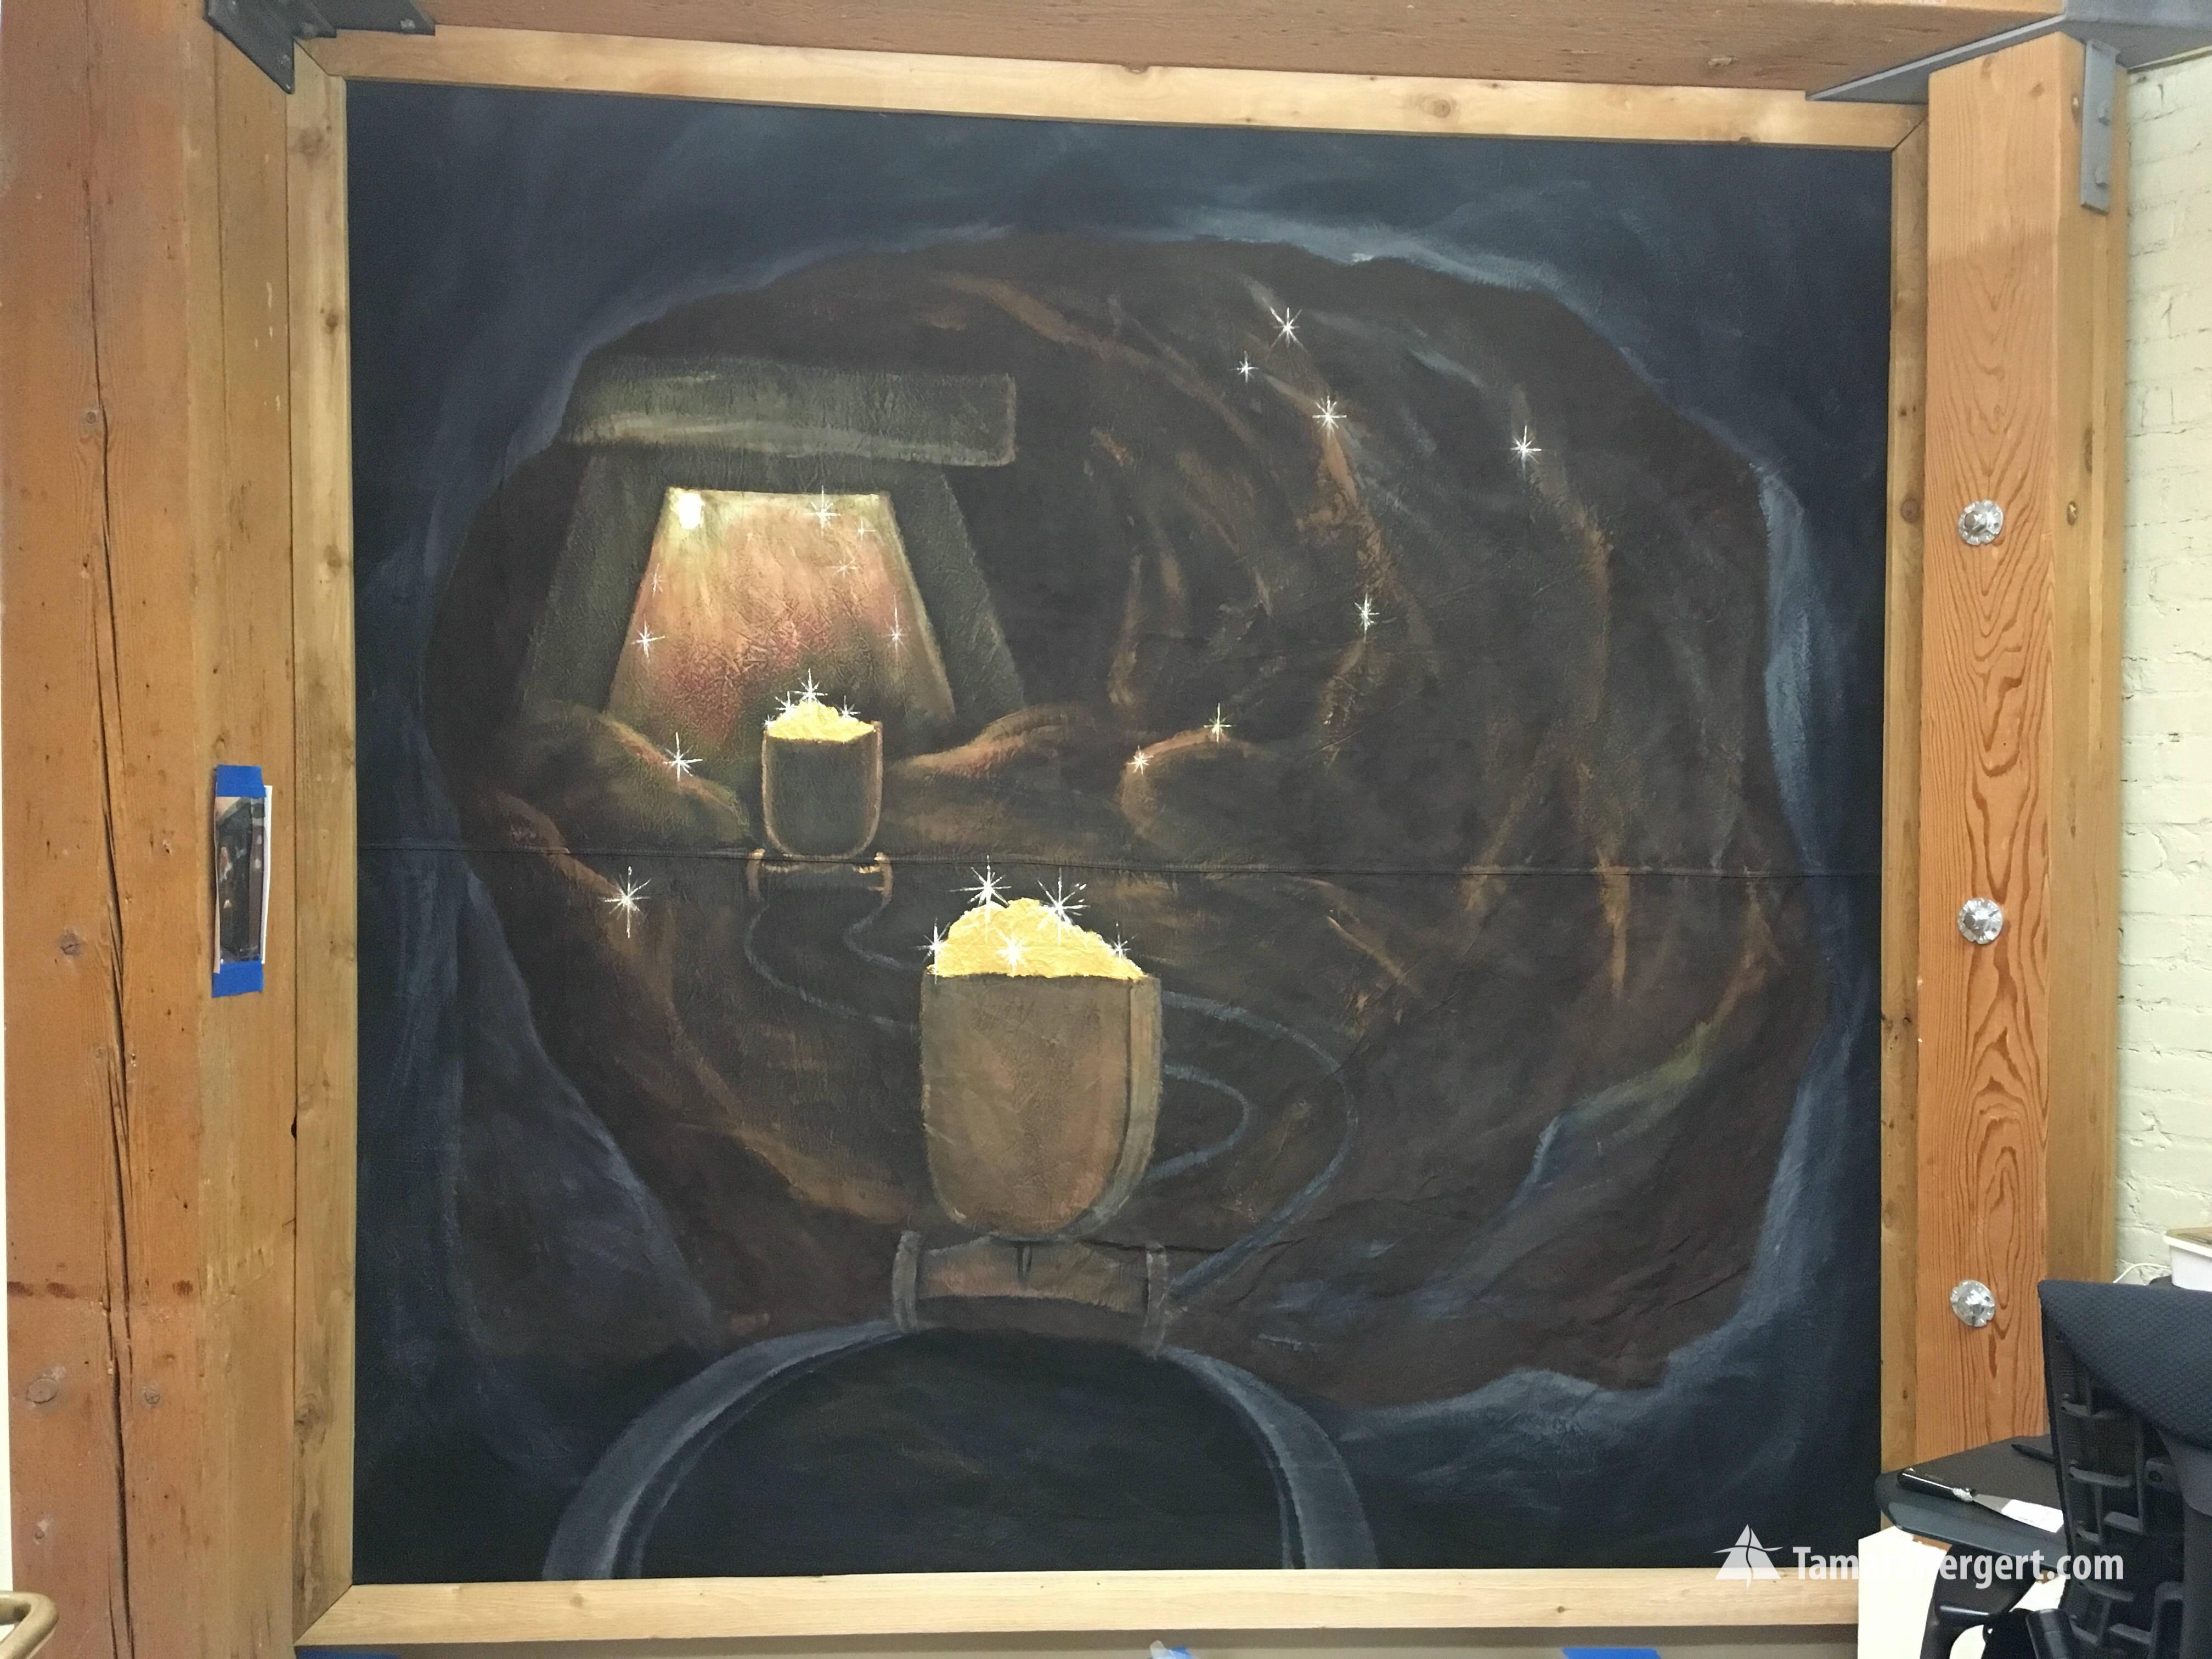 Mining portable canvas mural by Tamara H